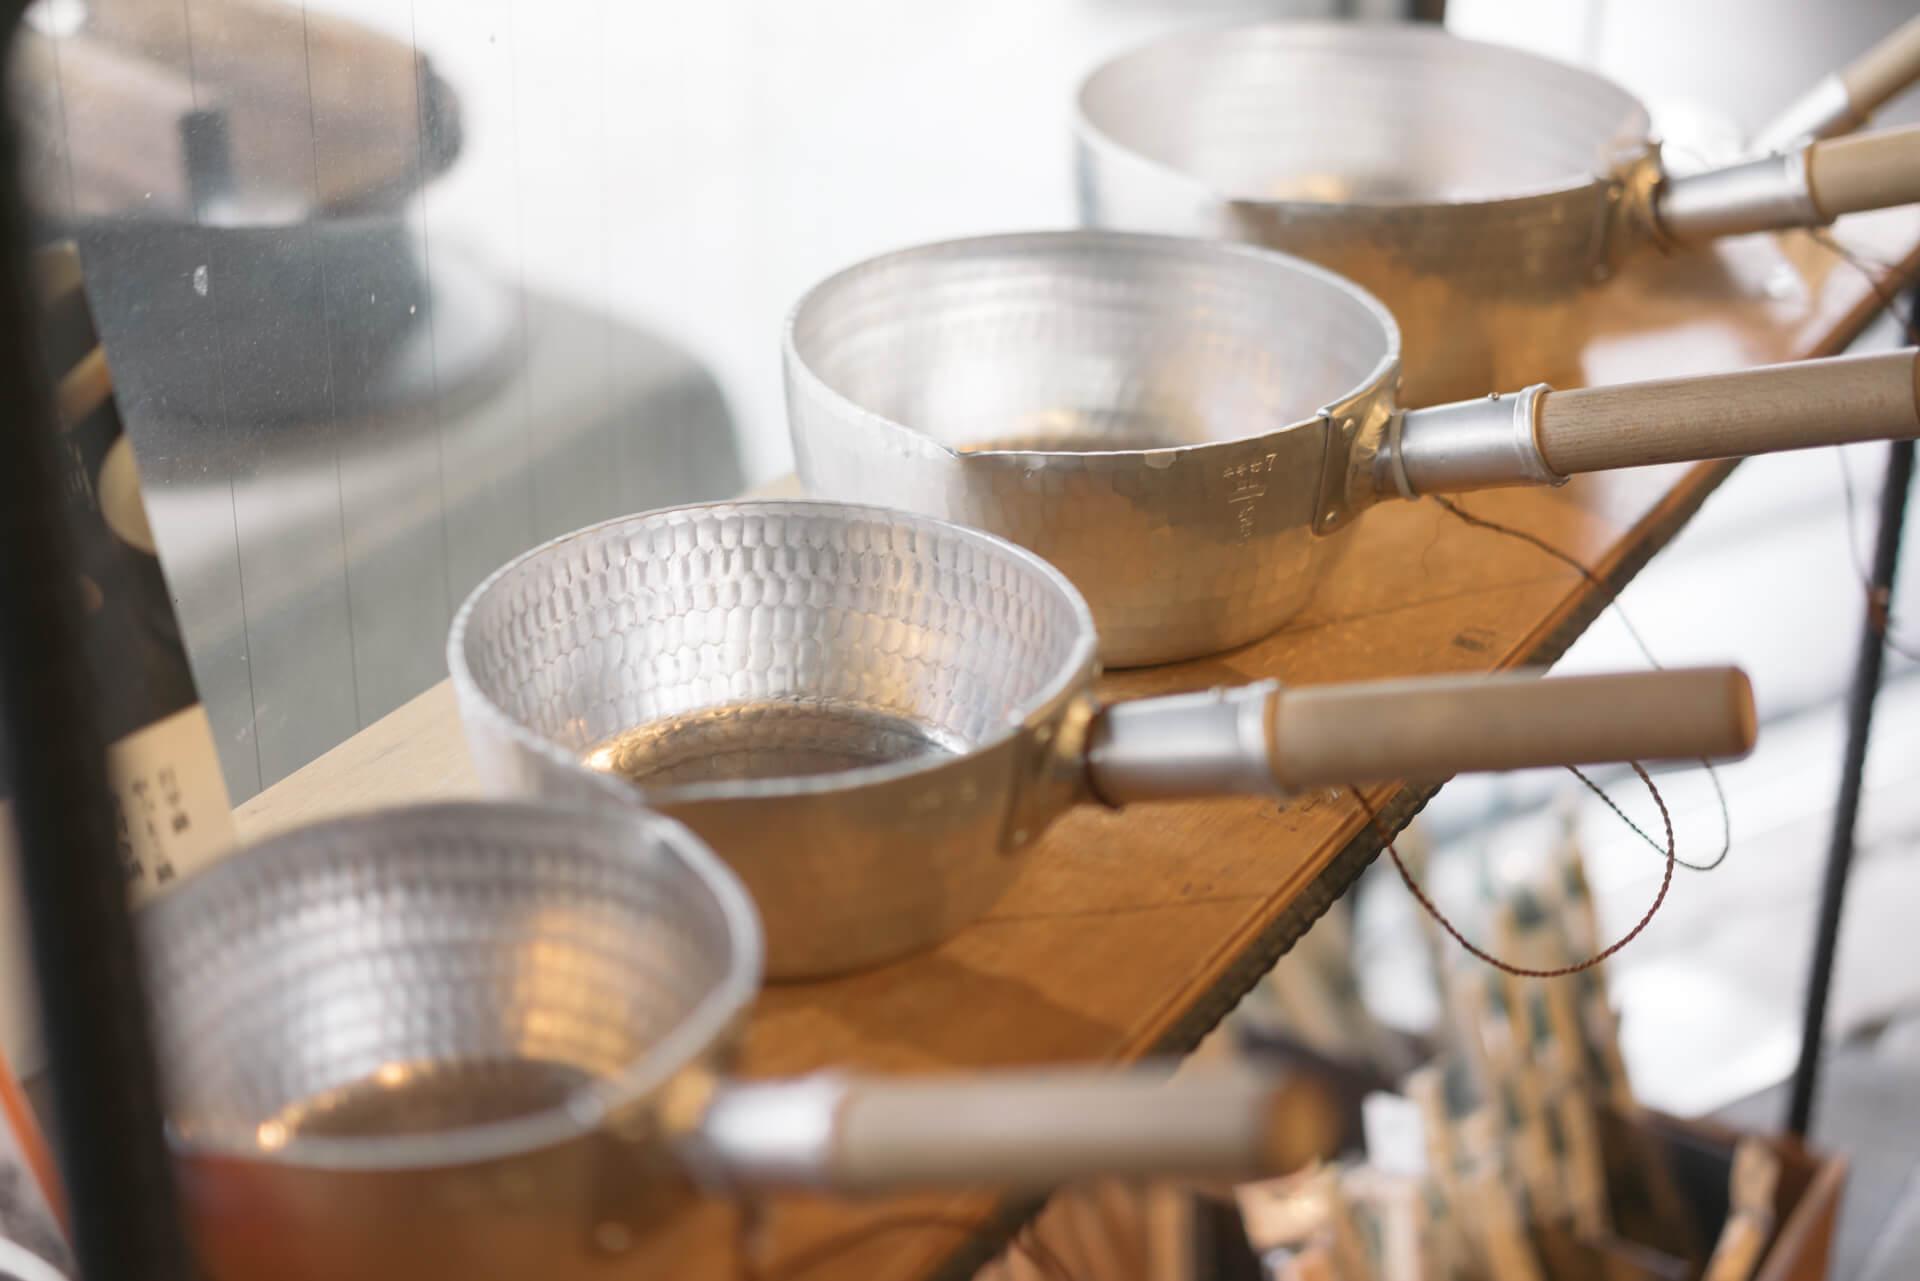 お店に入ってすぐ、一番目立つところに置かれていたのは、大阪の職人、姫野寿一さんがひとつひとつ、手打ちで作り上げる行平鍋。釜浅商店を代表する道具のひとつです。